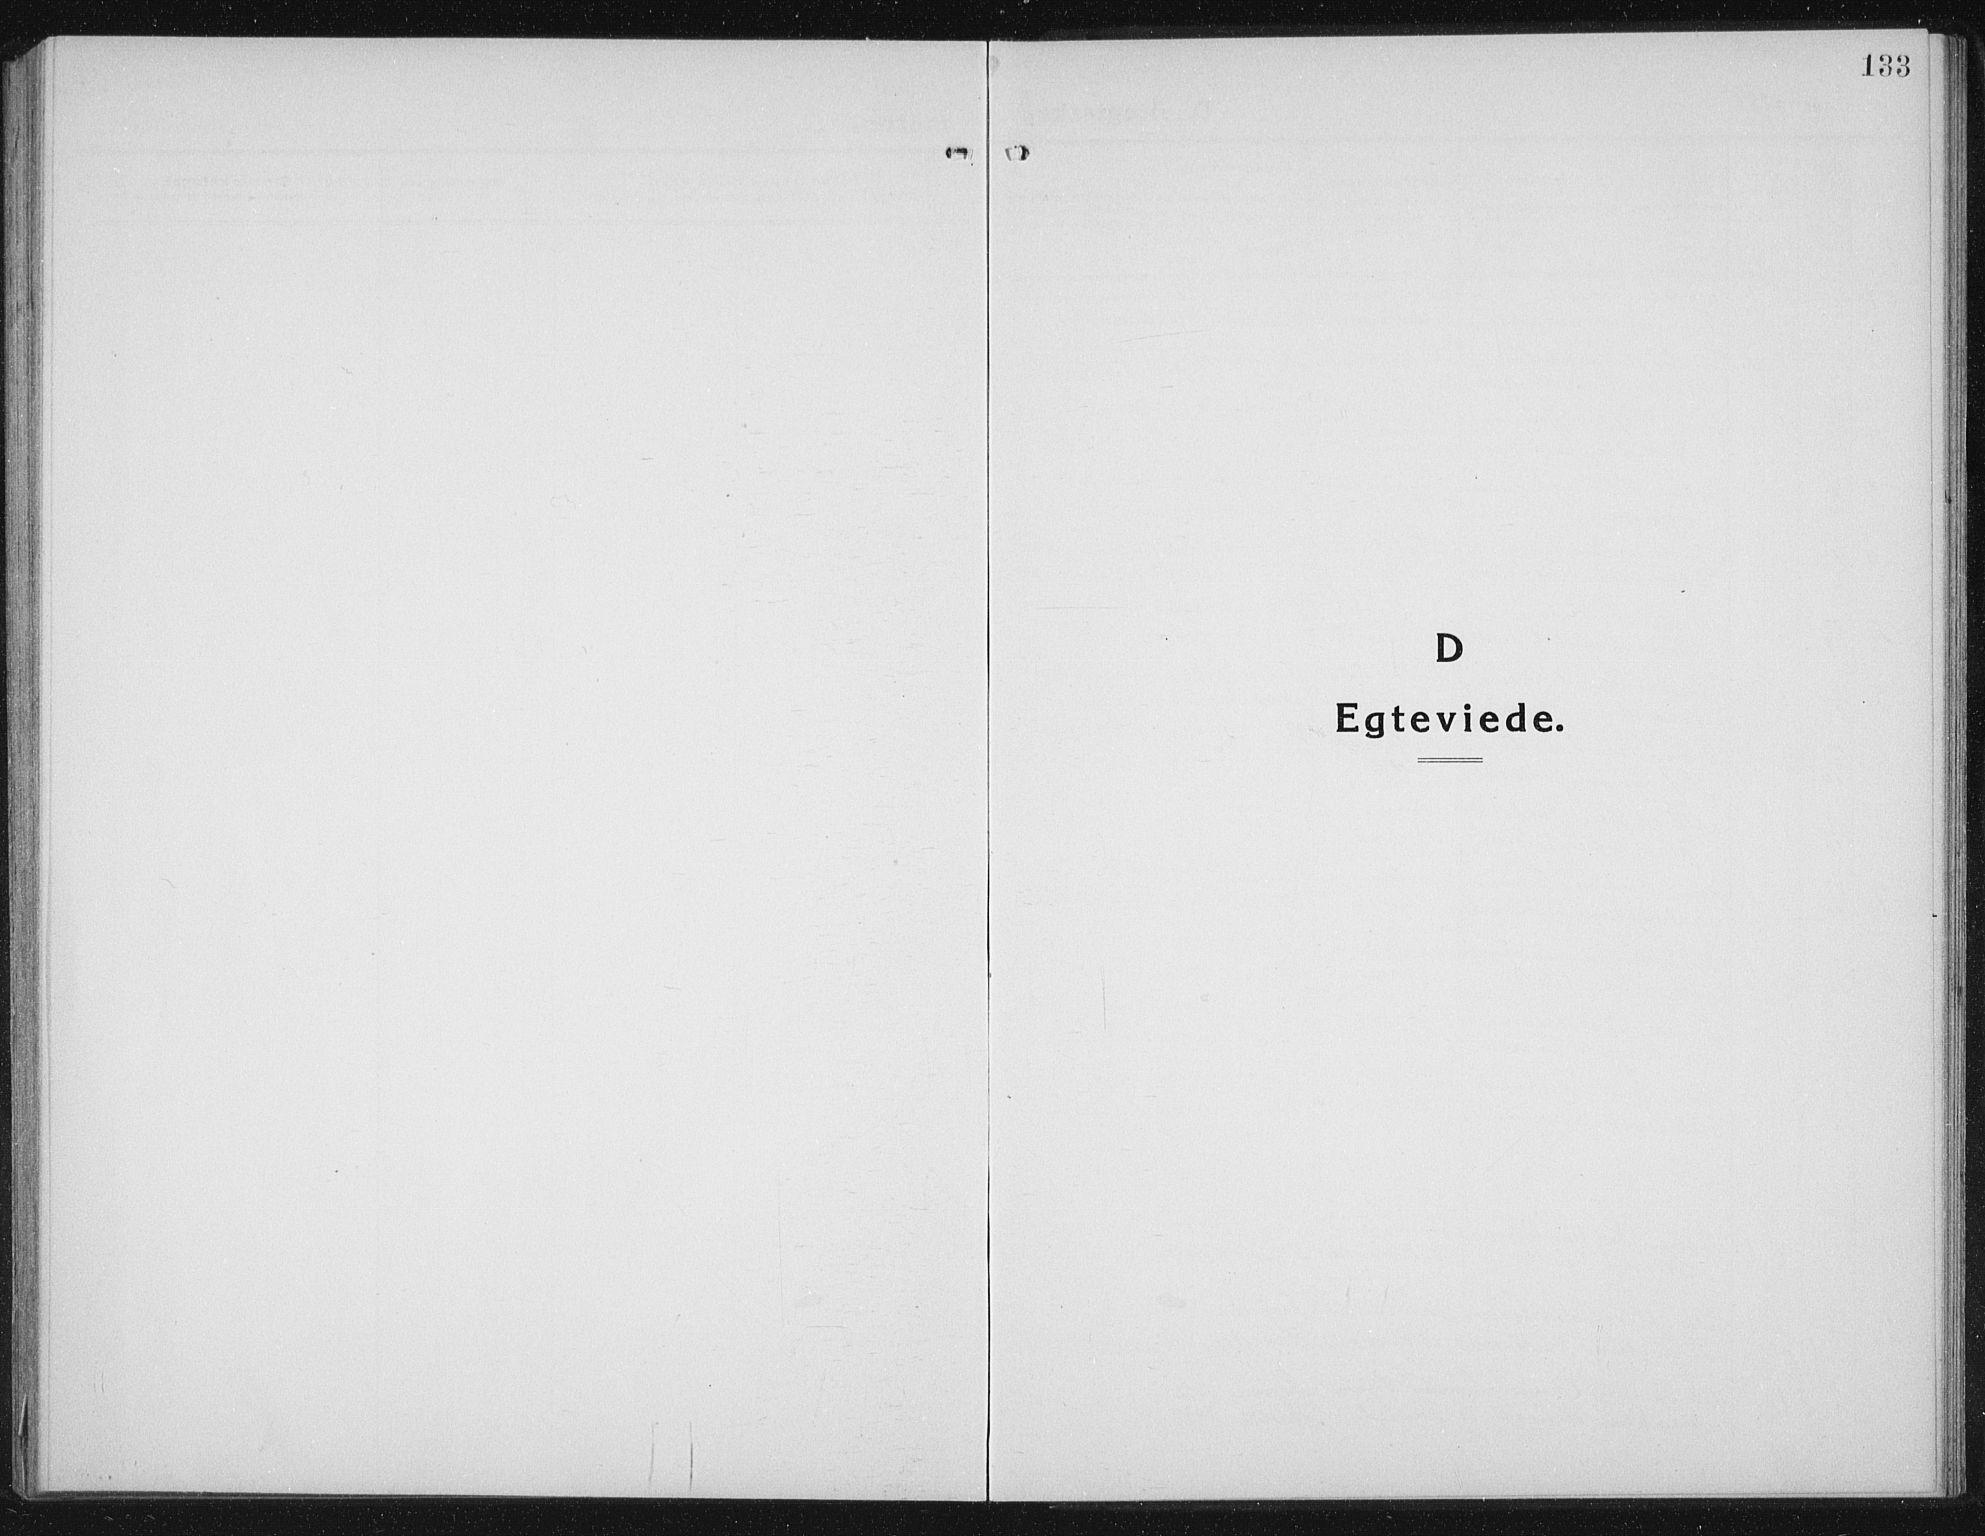 SAT, Ministerialprotokoller, klokkerbøker og fødselsregistre - Sør-Trøndelag, 655/L0689: Klokkerbok nr. 655C05, 1922-1936, s. 133